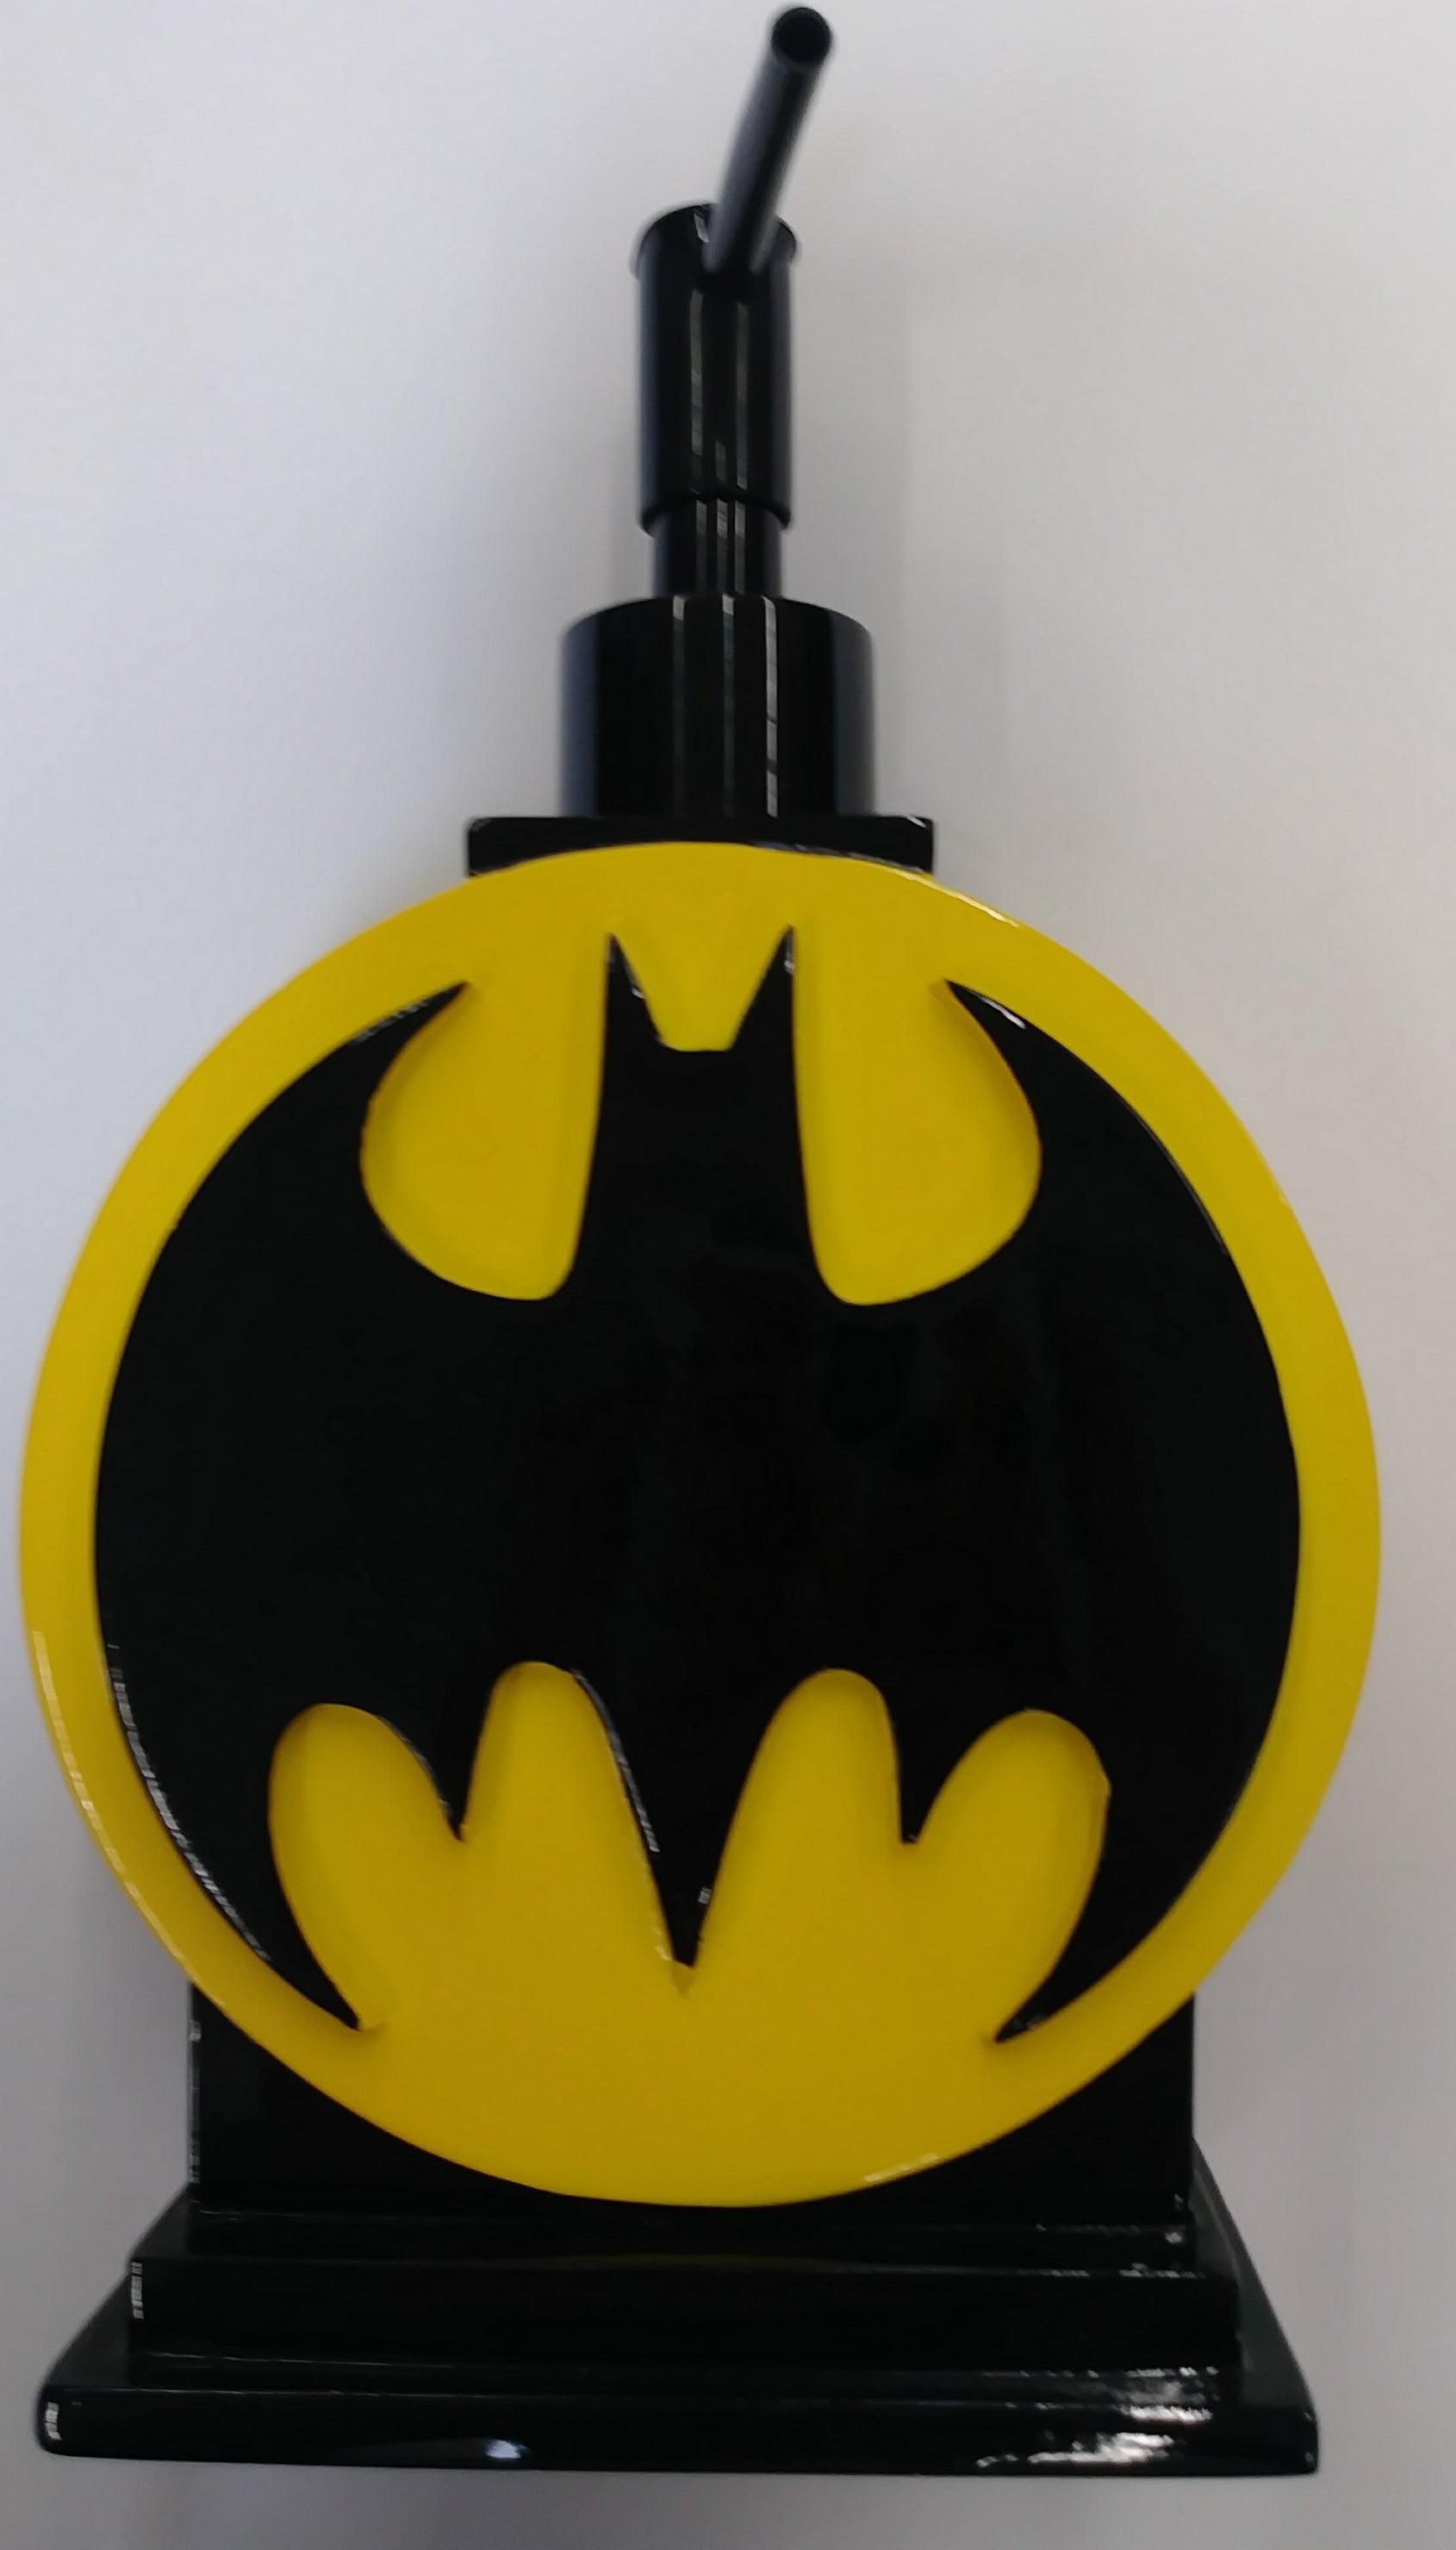 Bath Dc Comics Batman Bathroom Soap Lotin Pump Bathroom Decor Podh Com Br